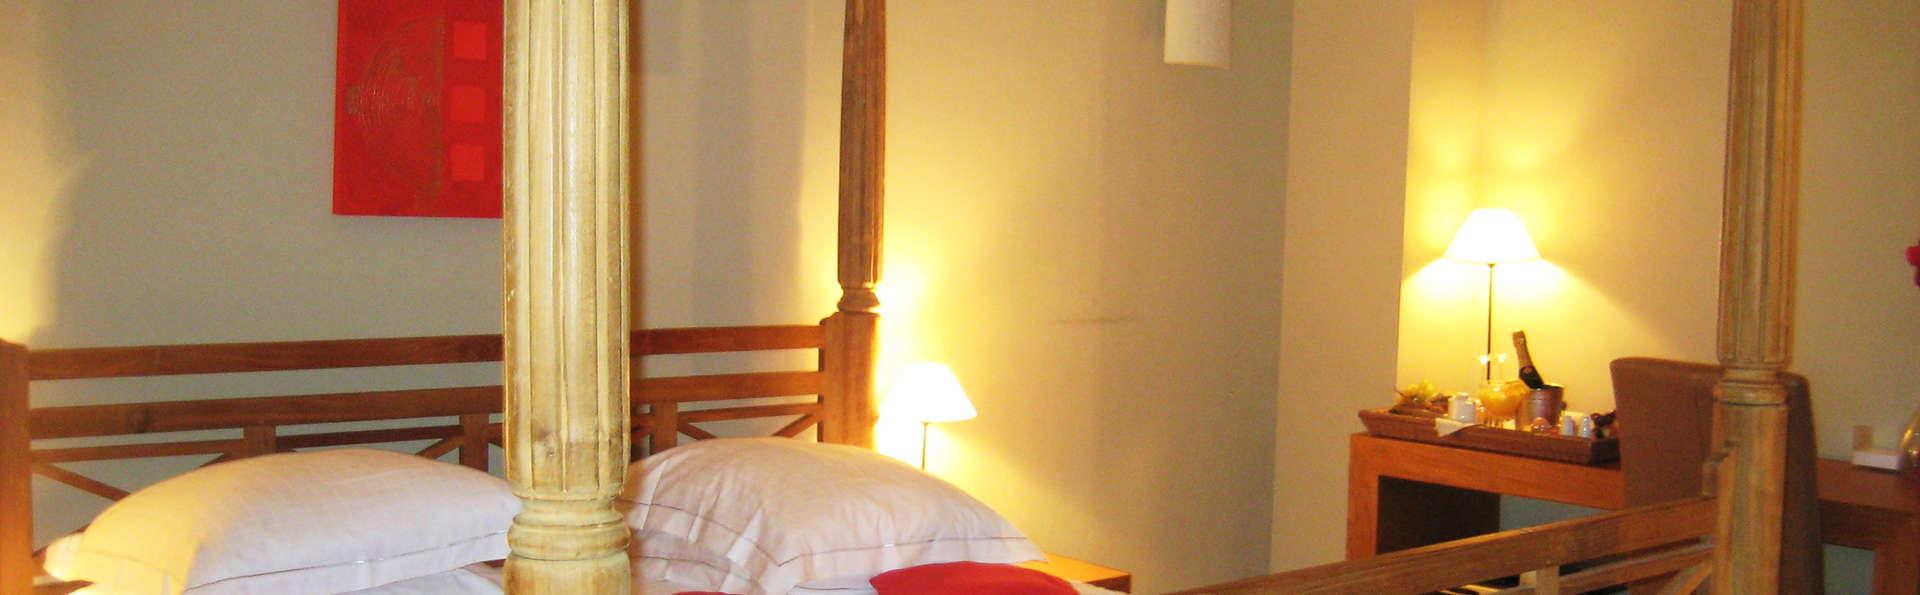 Weekend de charme dans une chambre Deluxe au cœur de Gent